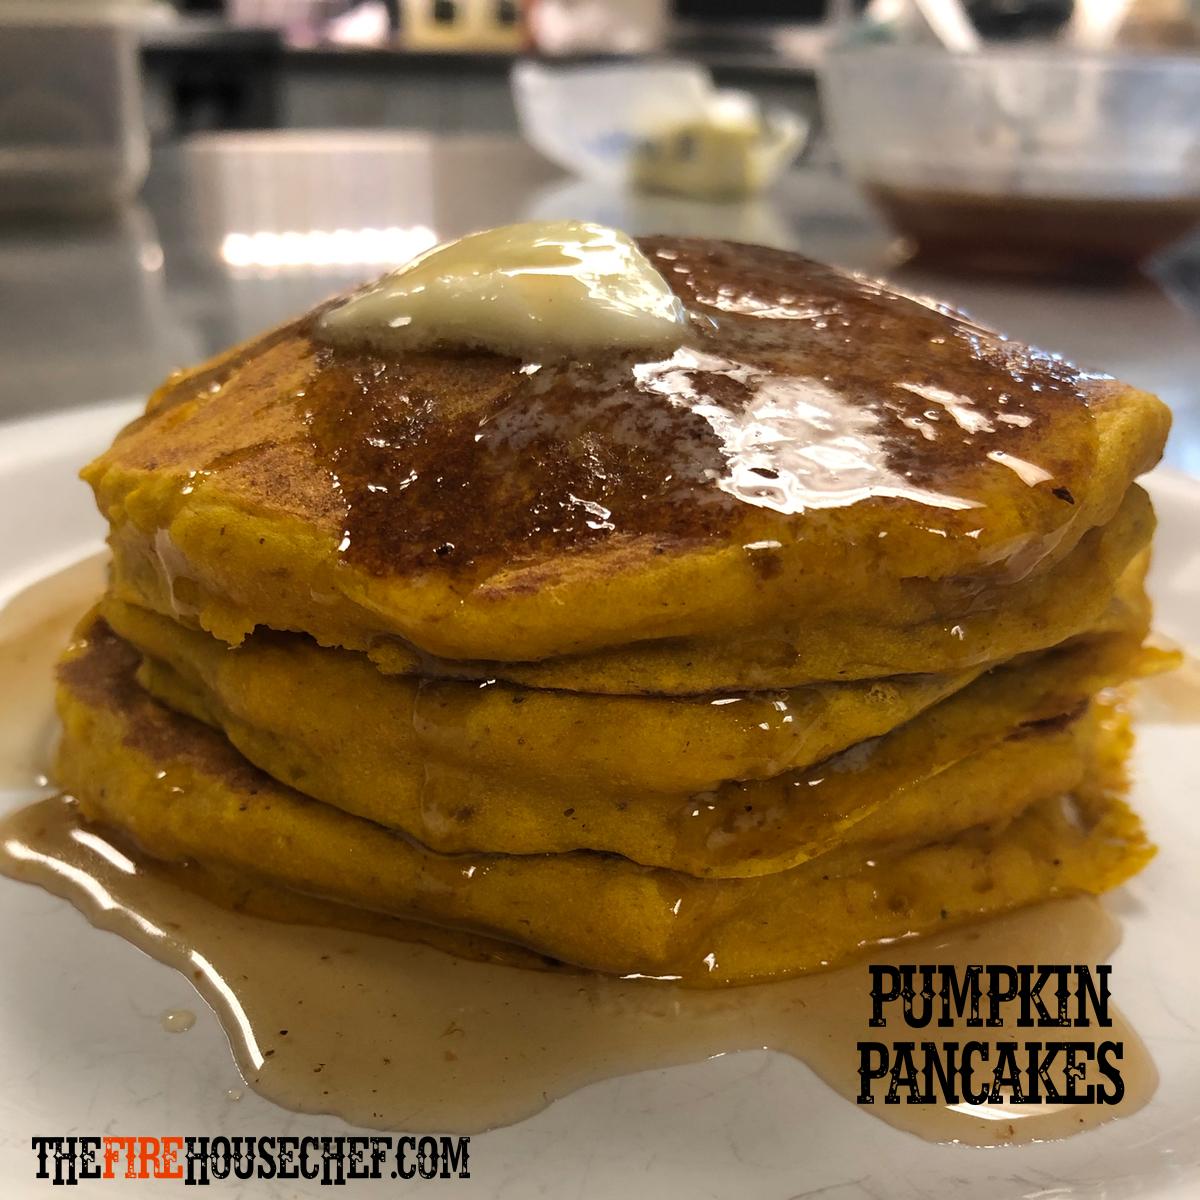 Pumpkin Pancakes Promo Pic.jpg